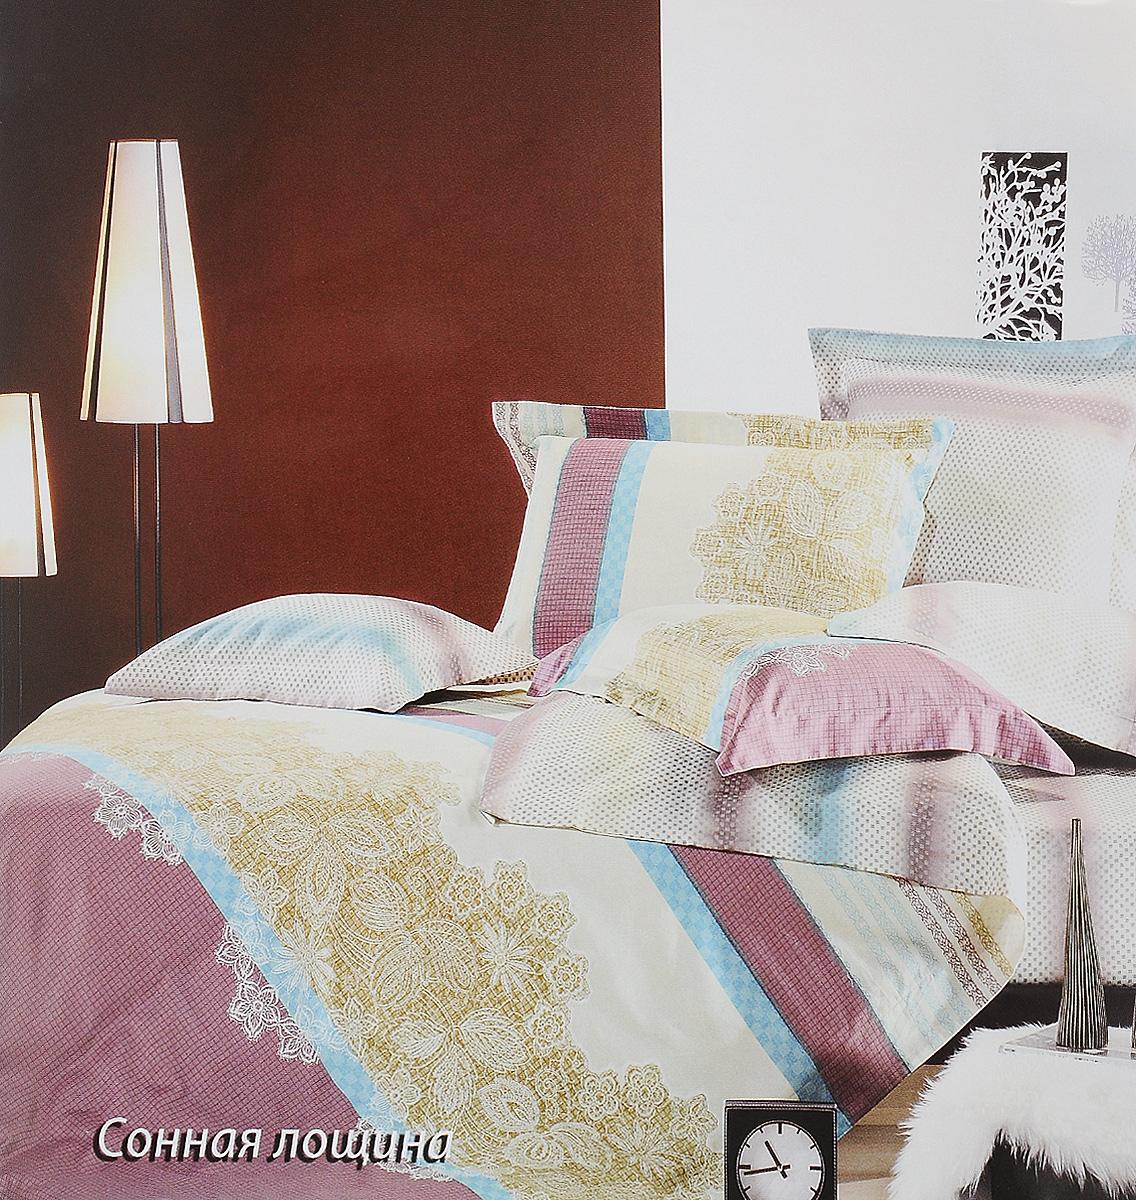 Комплект белья Tiffanys Secret Сонная лощина, 1,5-спальный, наволочки 50х70, цвет: бежевый, сиреневый, голубой2040816495Комплект постельного белья Tiffanys Secret Сонная лощина является экологически безопасным для всей семьи, так как выполнен из сатина (100% хлопок). Комплект состоит из пододеяльника, простыни и двух наволочек. Предметы комплекта оформлены оригинальным рисунком.Благодаря такому комплекту постельного белья вы сможете создать атмосферу уюта и комфорта в вашей спальне.Сатин - это ткань, навсегда покорившая сердца человечества. Ценившие роскошь персы называли ее атлас, а искушенные в прекрасном французы - сатин. Секрет высококачественного сатина в безупречности всего технологического процесса. Эту благородную ткань делают только из отборной натуральной пряжи, которую получают из самого лучшего тонковолокнистого хлопка. Благодаря использованию самой тонкой хлопковой нити получается необычайно мягкое и нежное полотно. Сатиновое постельное белье превращает жаркие летние ночи в прохладные и освежающие, а холодные зимние - в теплые и согревающие. Сатин очень приятен на ощупь, постельное белье из него долговечно, выдерживает более 300 стирок, и лишь спустя долгое время материал начинает немного тускнеть. Оцените все достоинства постельного белья из сатина, выбирая самое лучшее для себя!